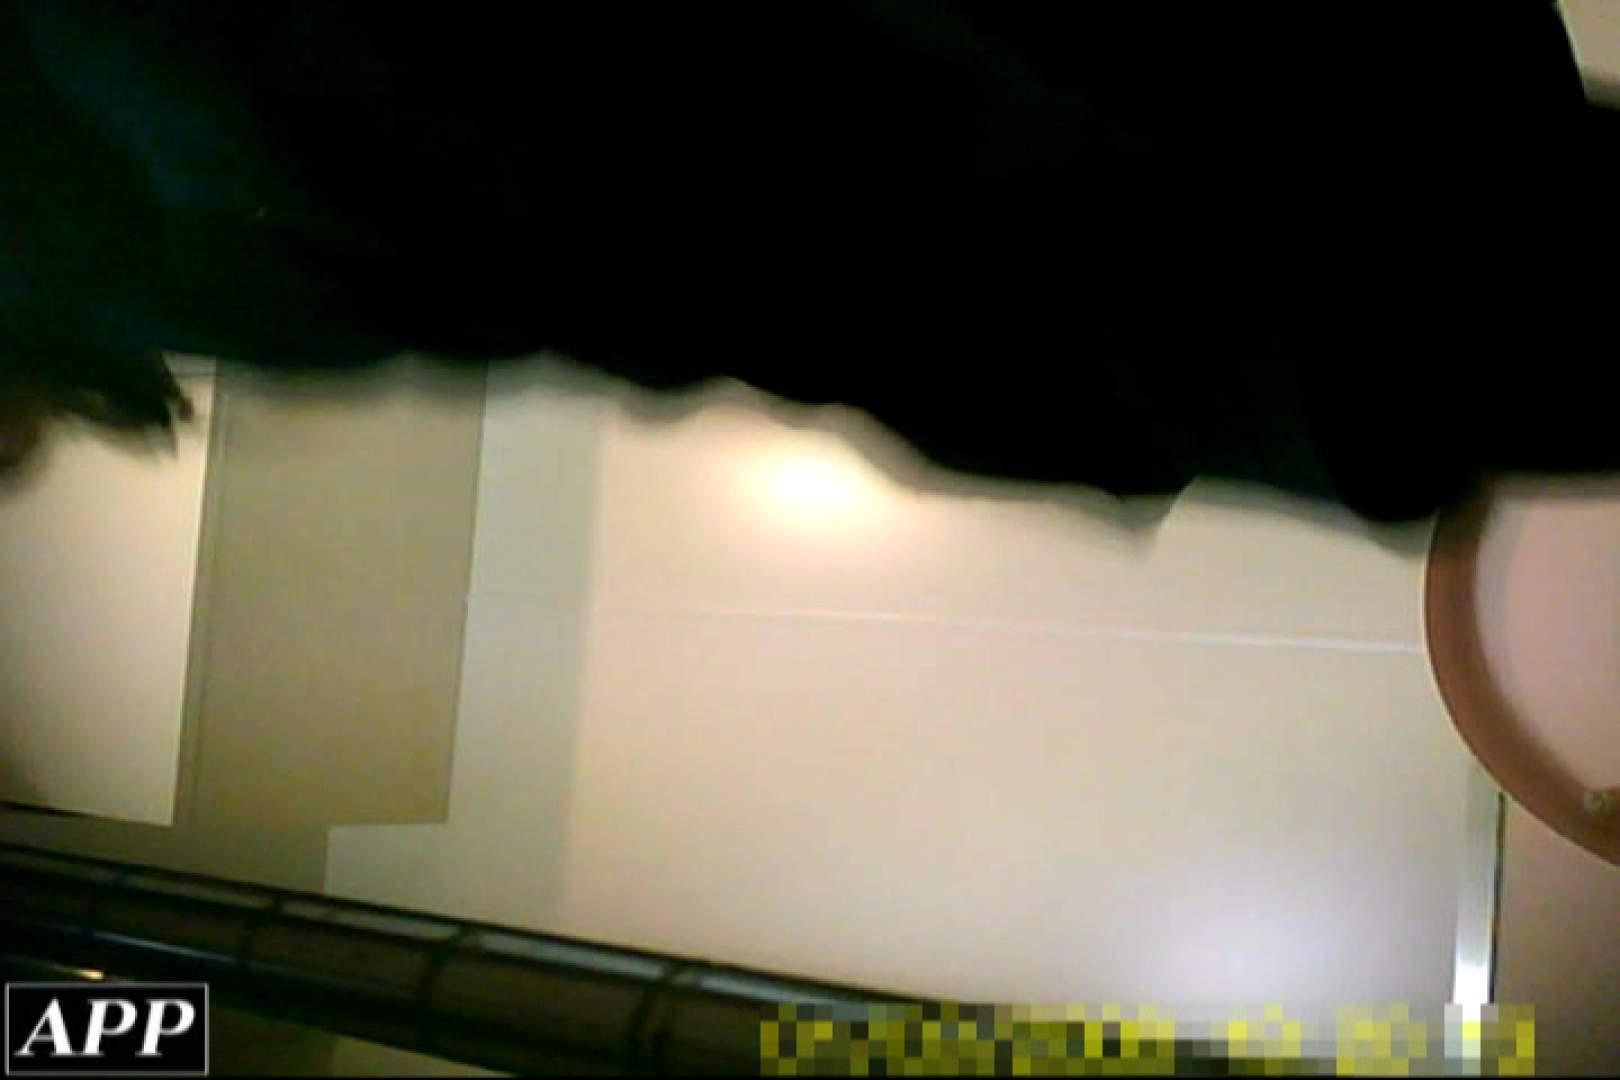 3視点洗面所 vol.61 マンコ オマンコ無修正動画無料 84画像 61